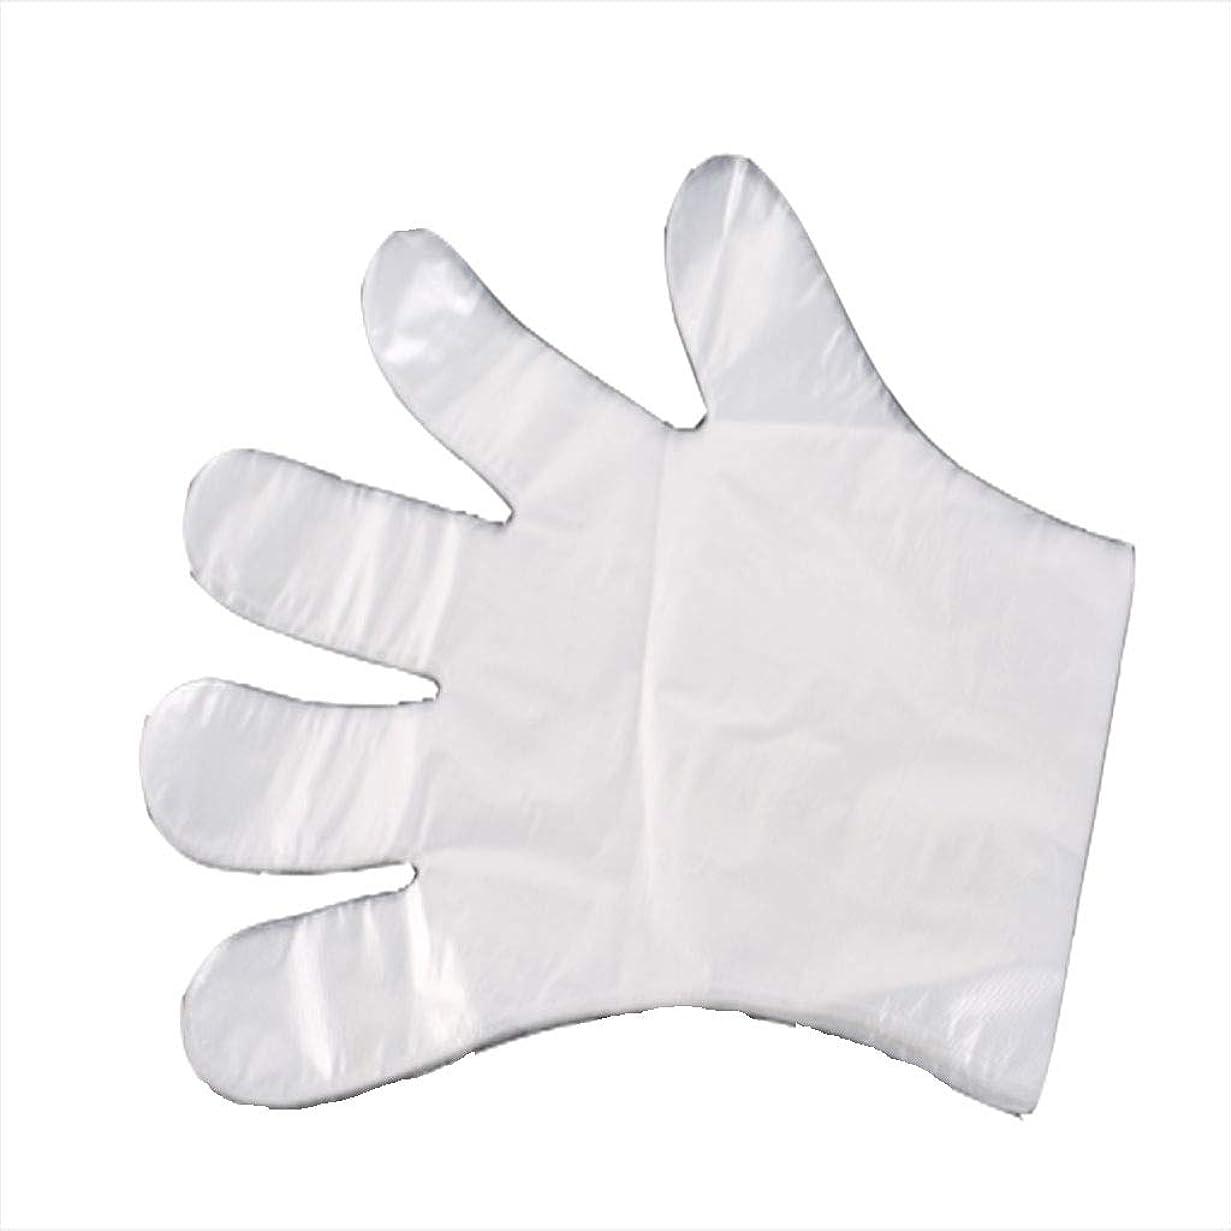 怠けた力強いいくつかの手袋、使い捨て手袋、食事、ヘアケア、肥厚、透明フィルム手袋、肥厚1000。